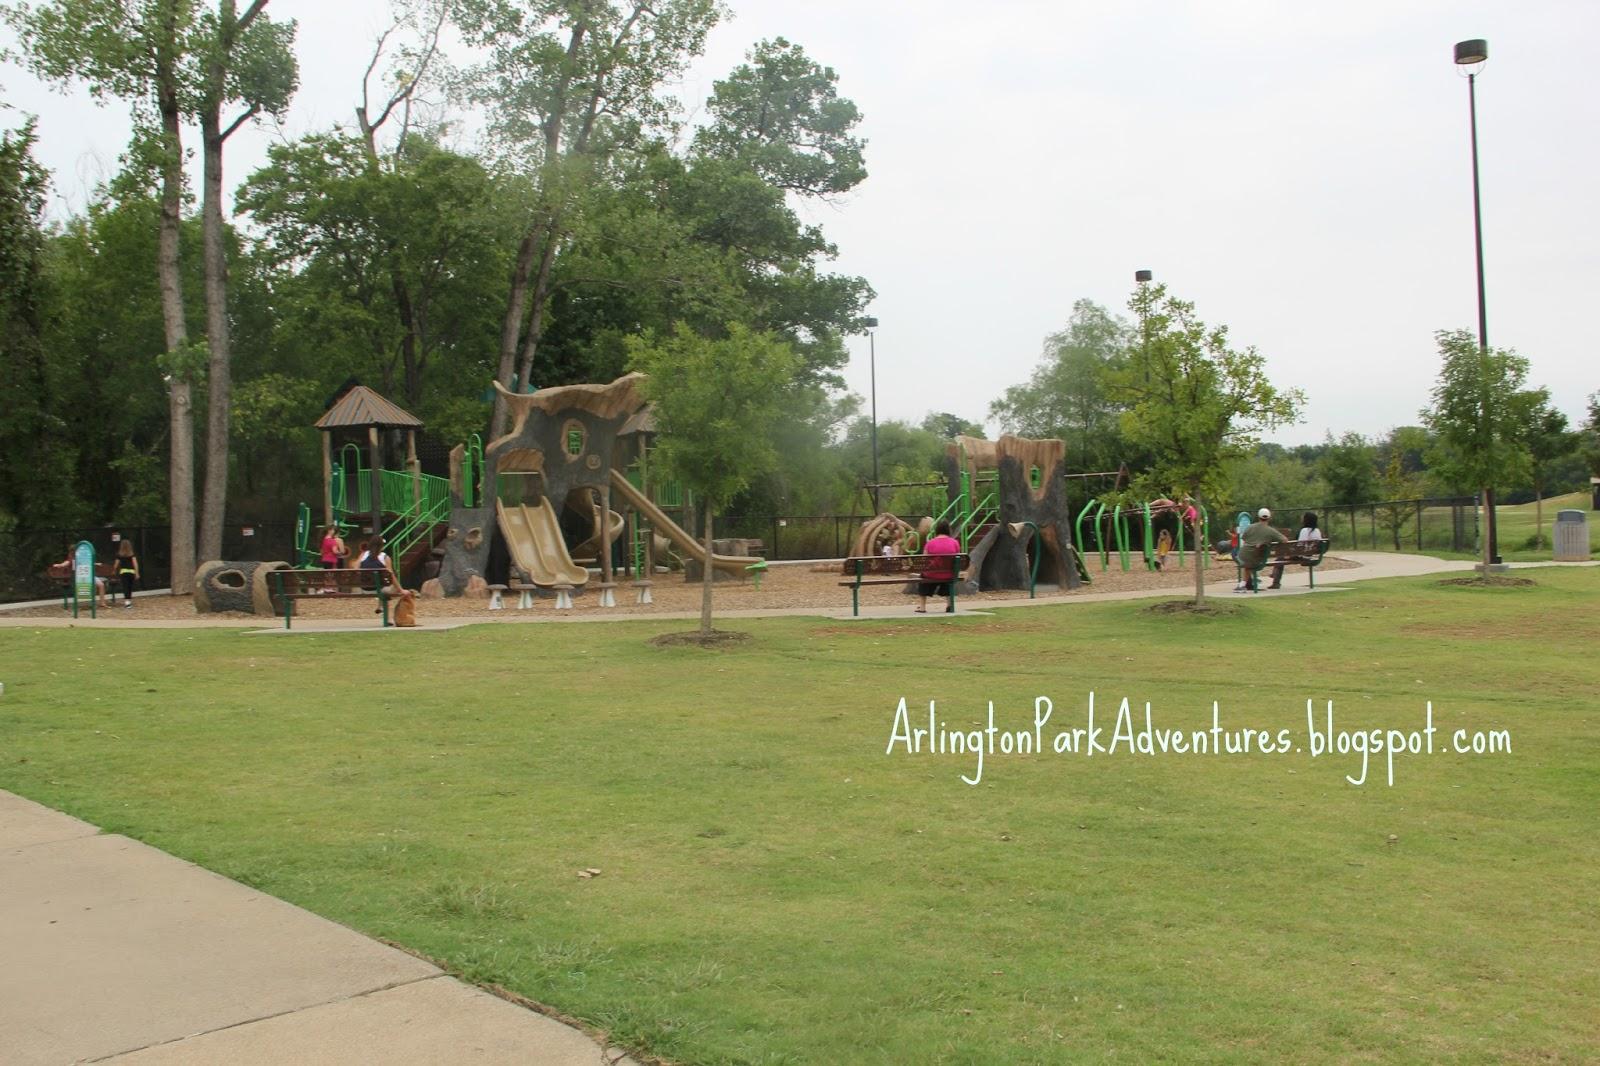 Arlington Park Adventures River Legacy Park